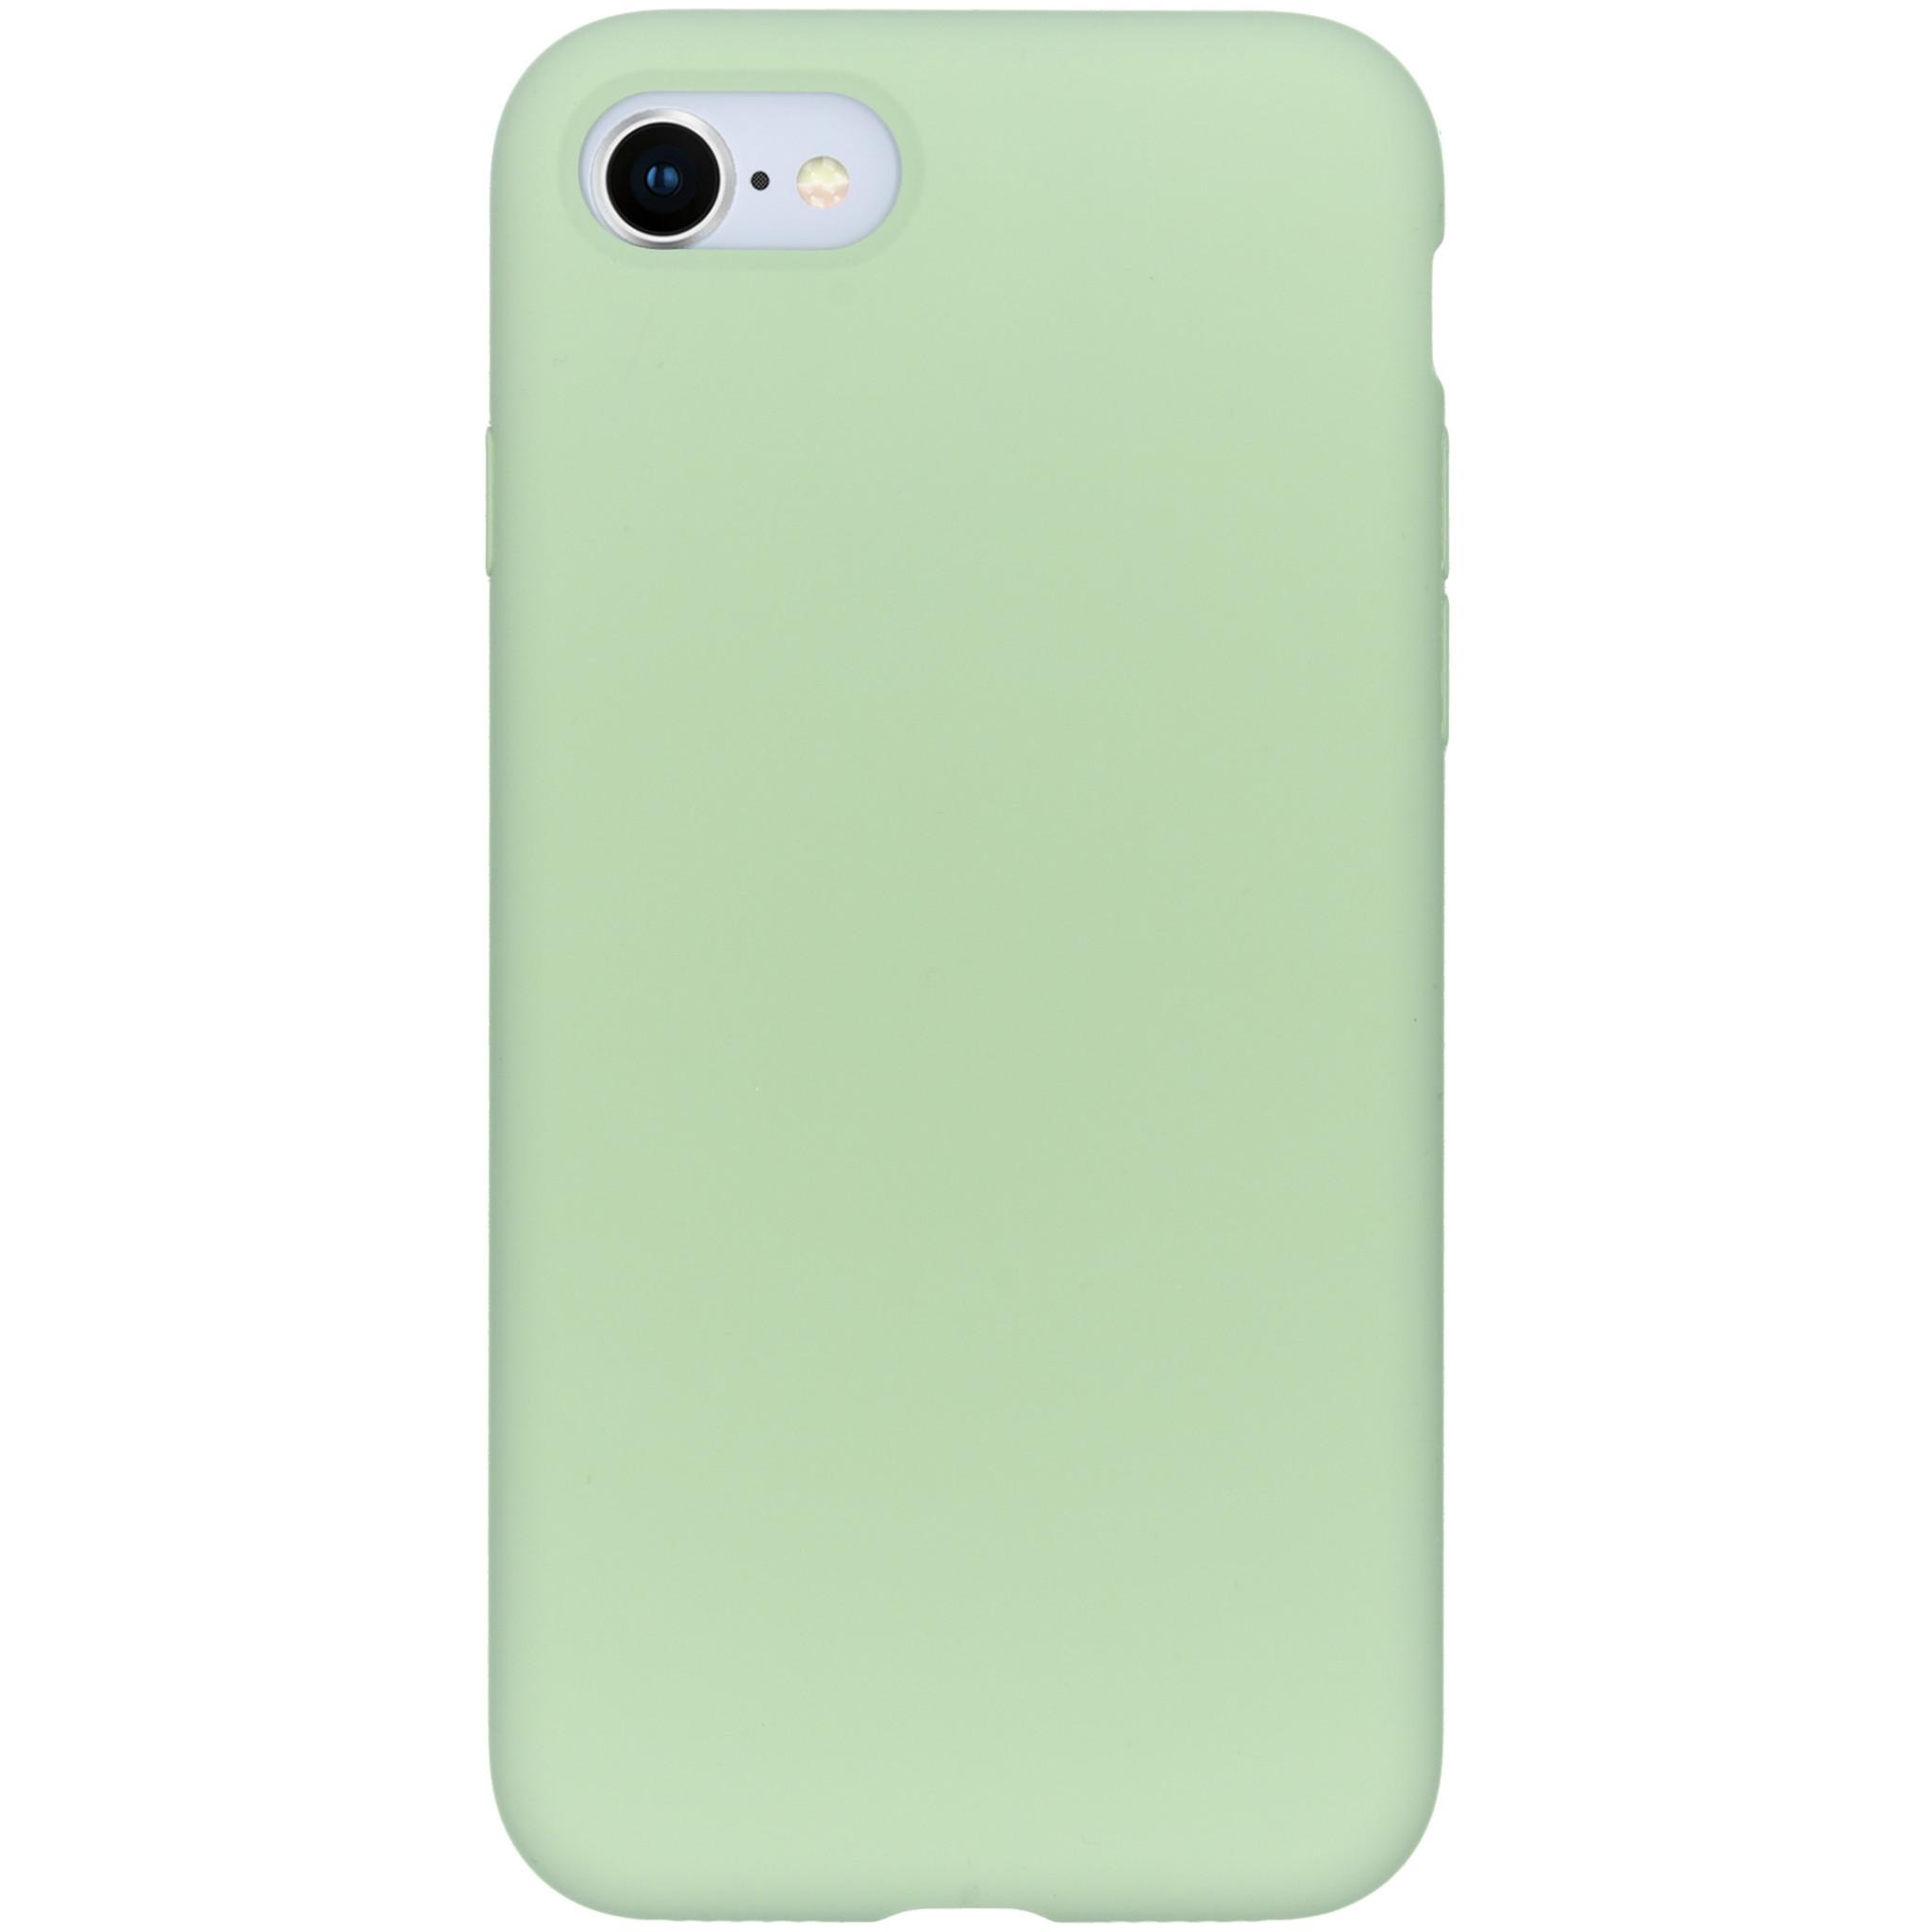 Accezz Liquid Silikoncase Grün für das iPhone SE (2020) / 8 / 7